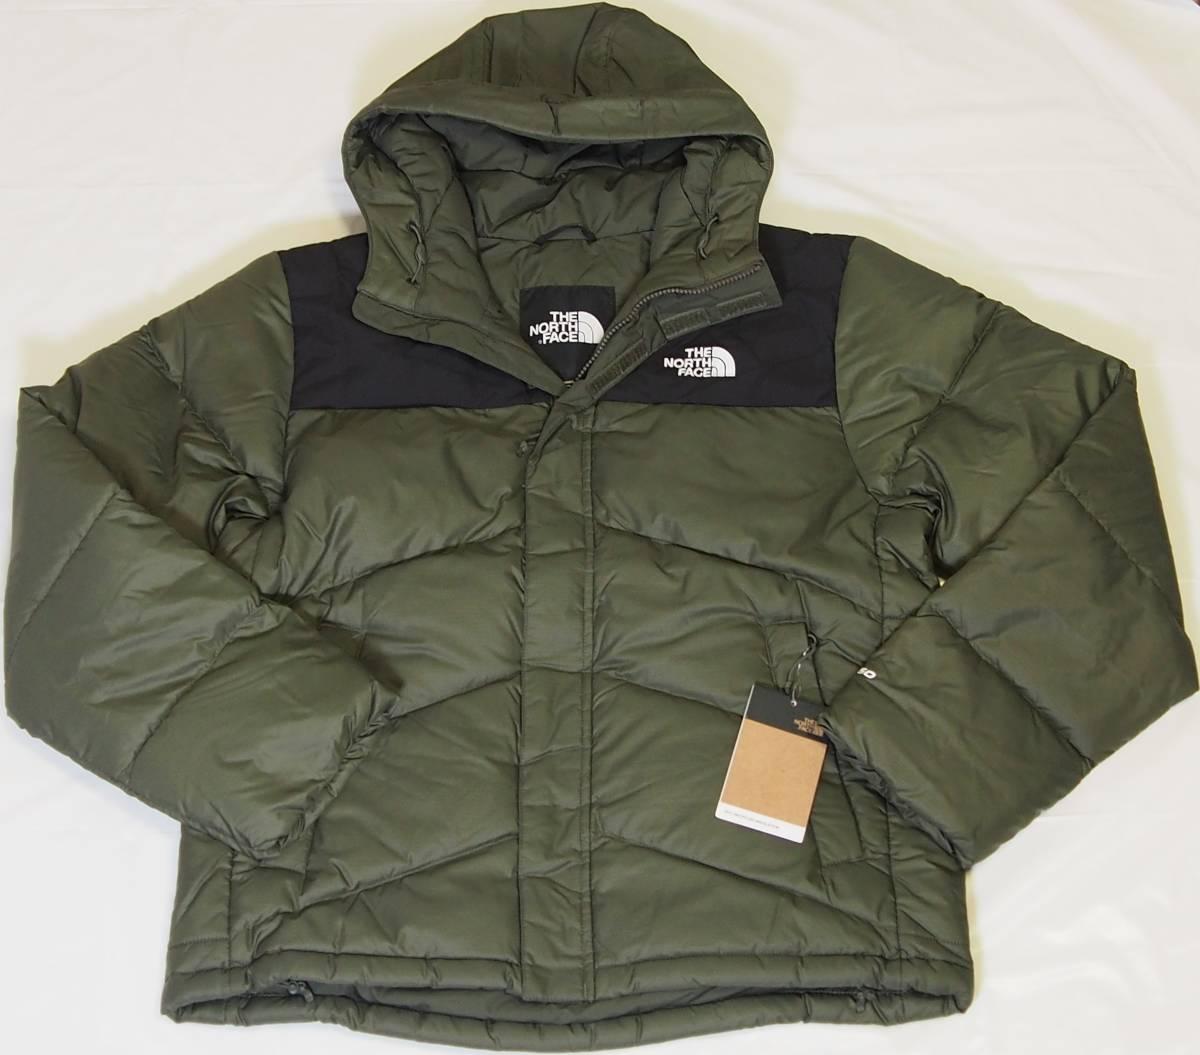 【USA購入、未使用タグ付】ノースフェイス Balham ダウンジャケット メンズ M グリーン Balham Down Jacket NEW TAUPE GREEN MATTE_画像1